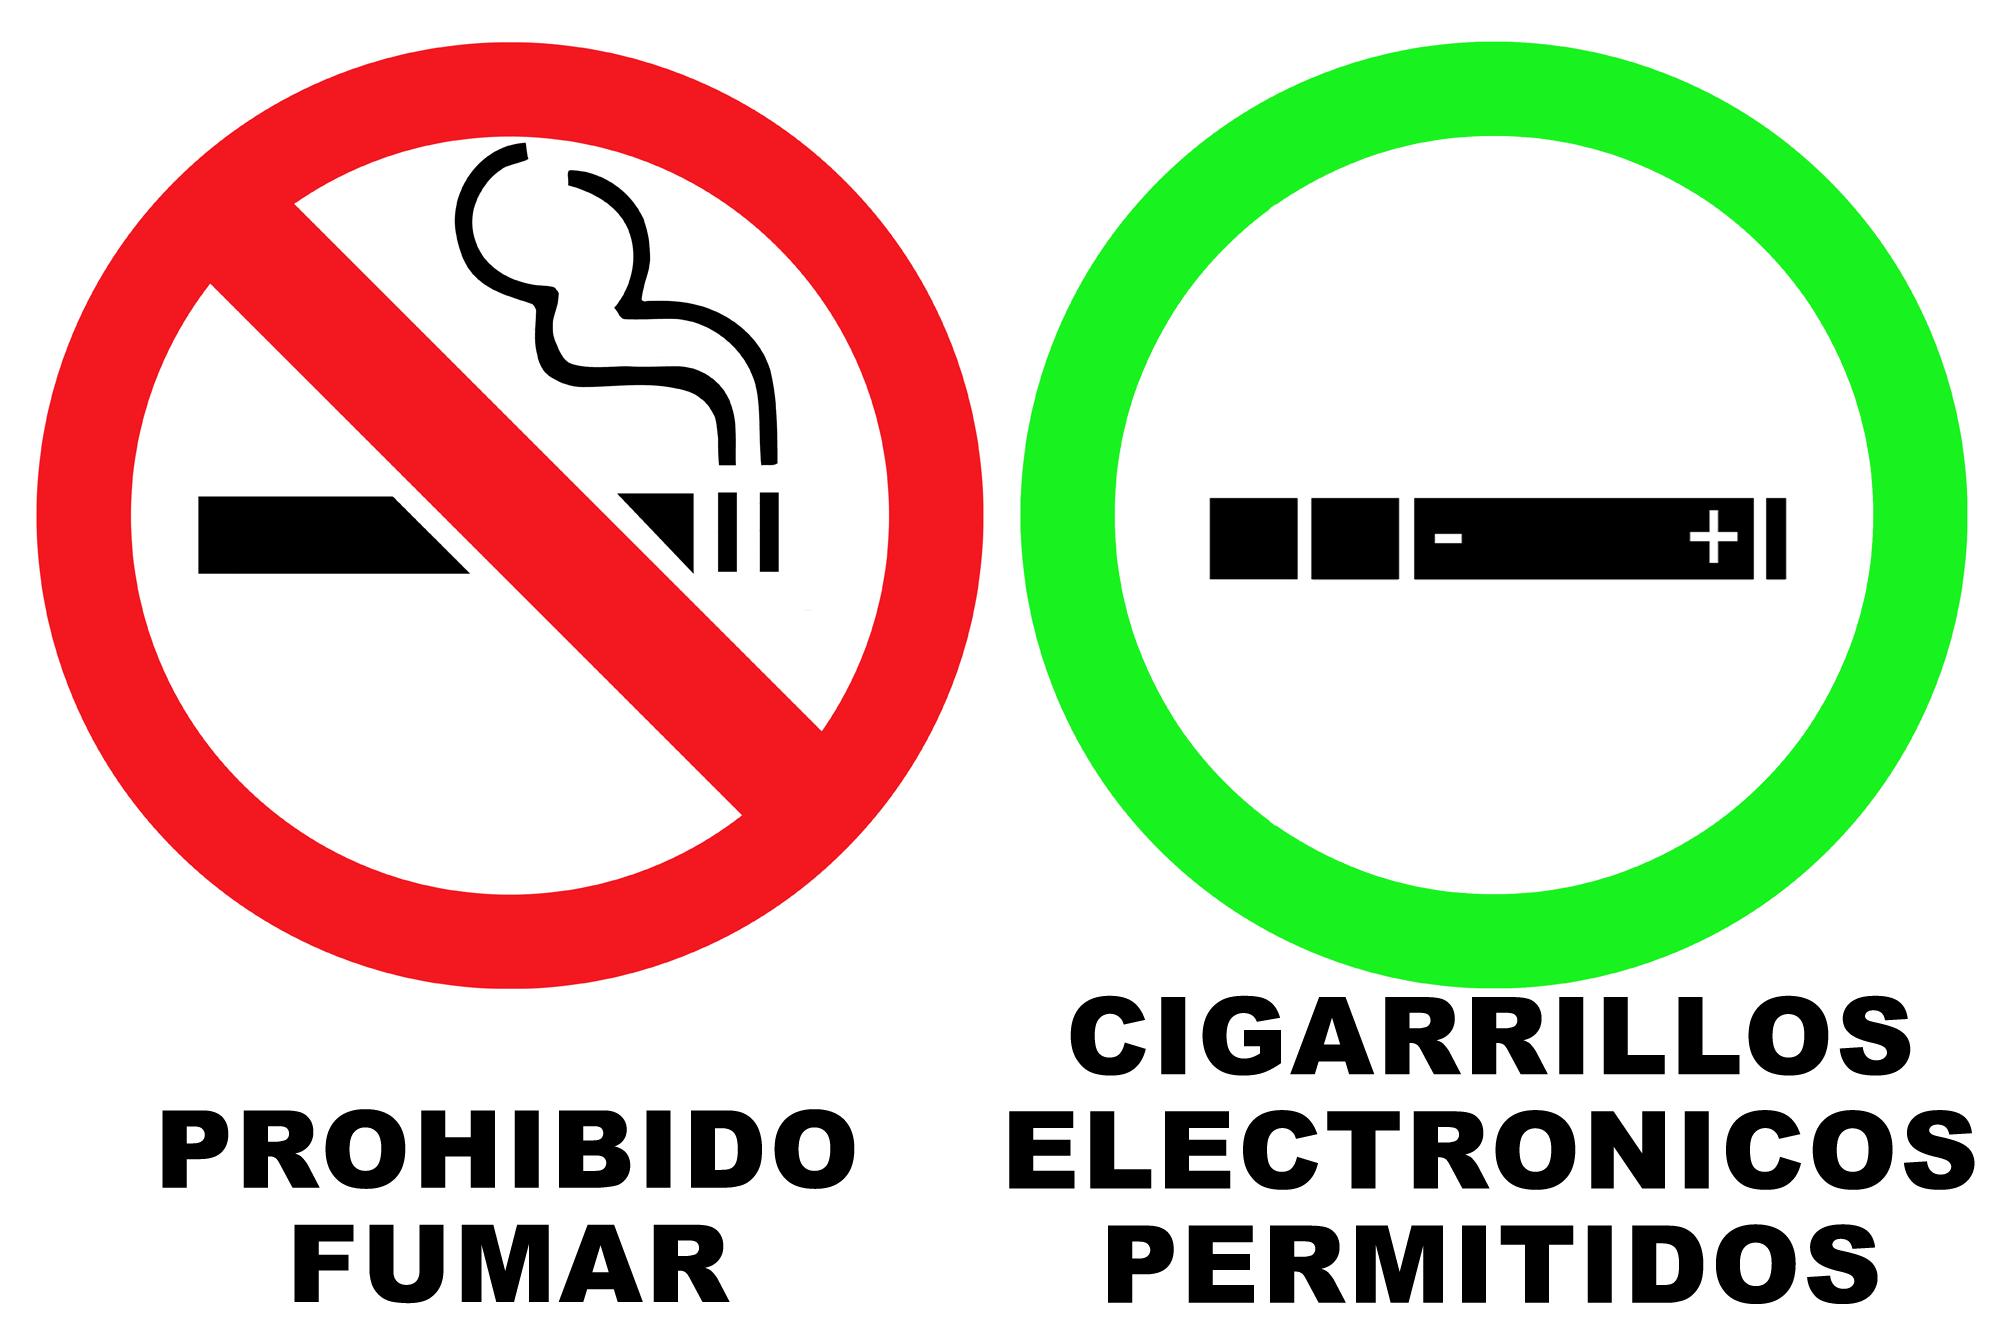 Como ha dejado a fumar cuando la presión llegará a la norma